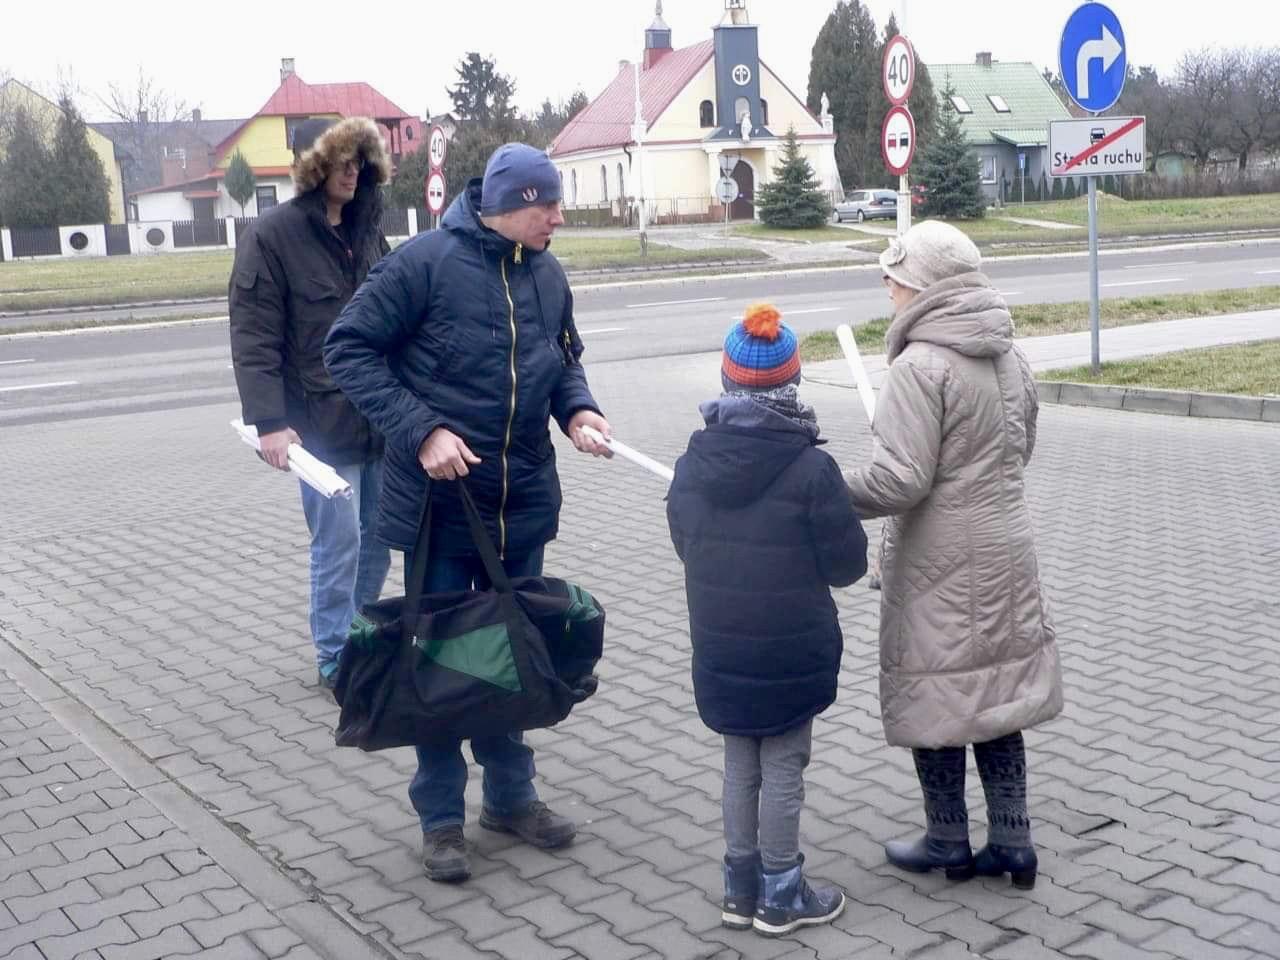 received 204359167625099 Kochają Polskę